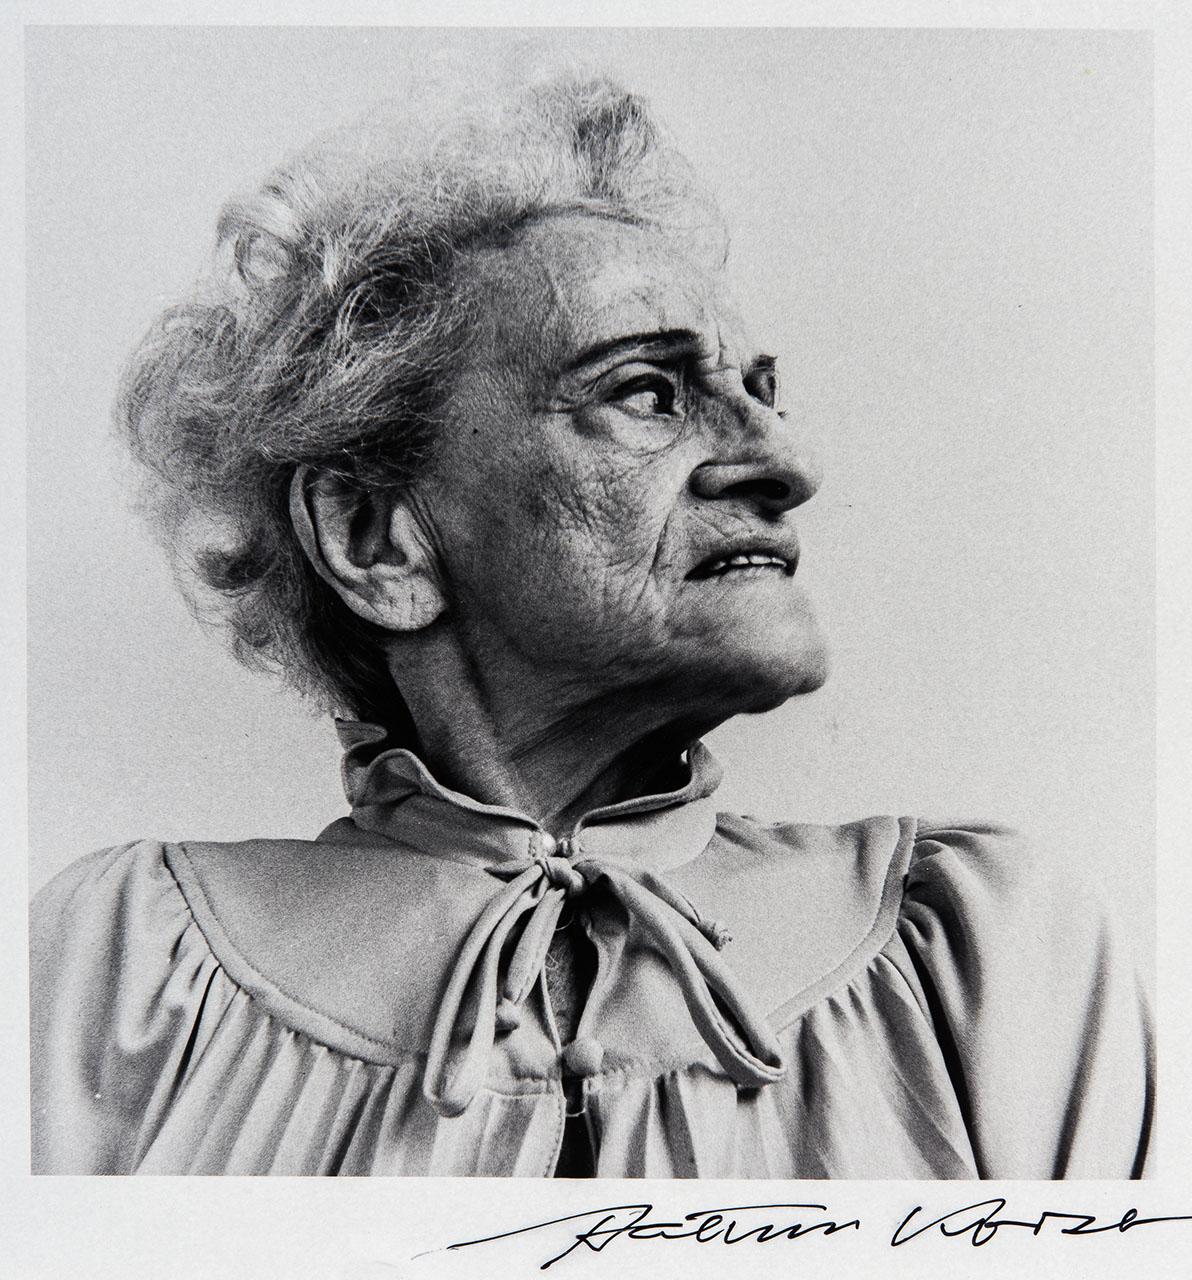 Peggy De Salle